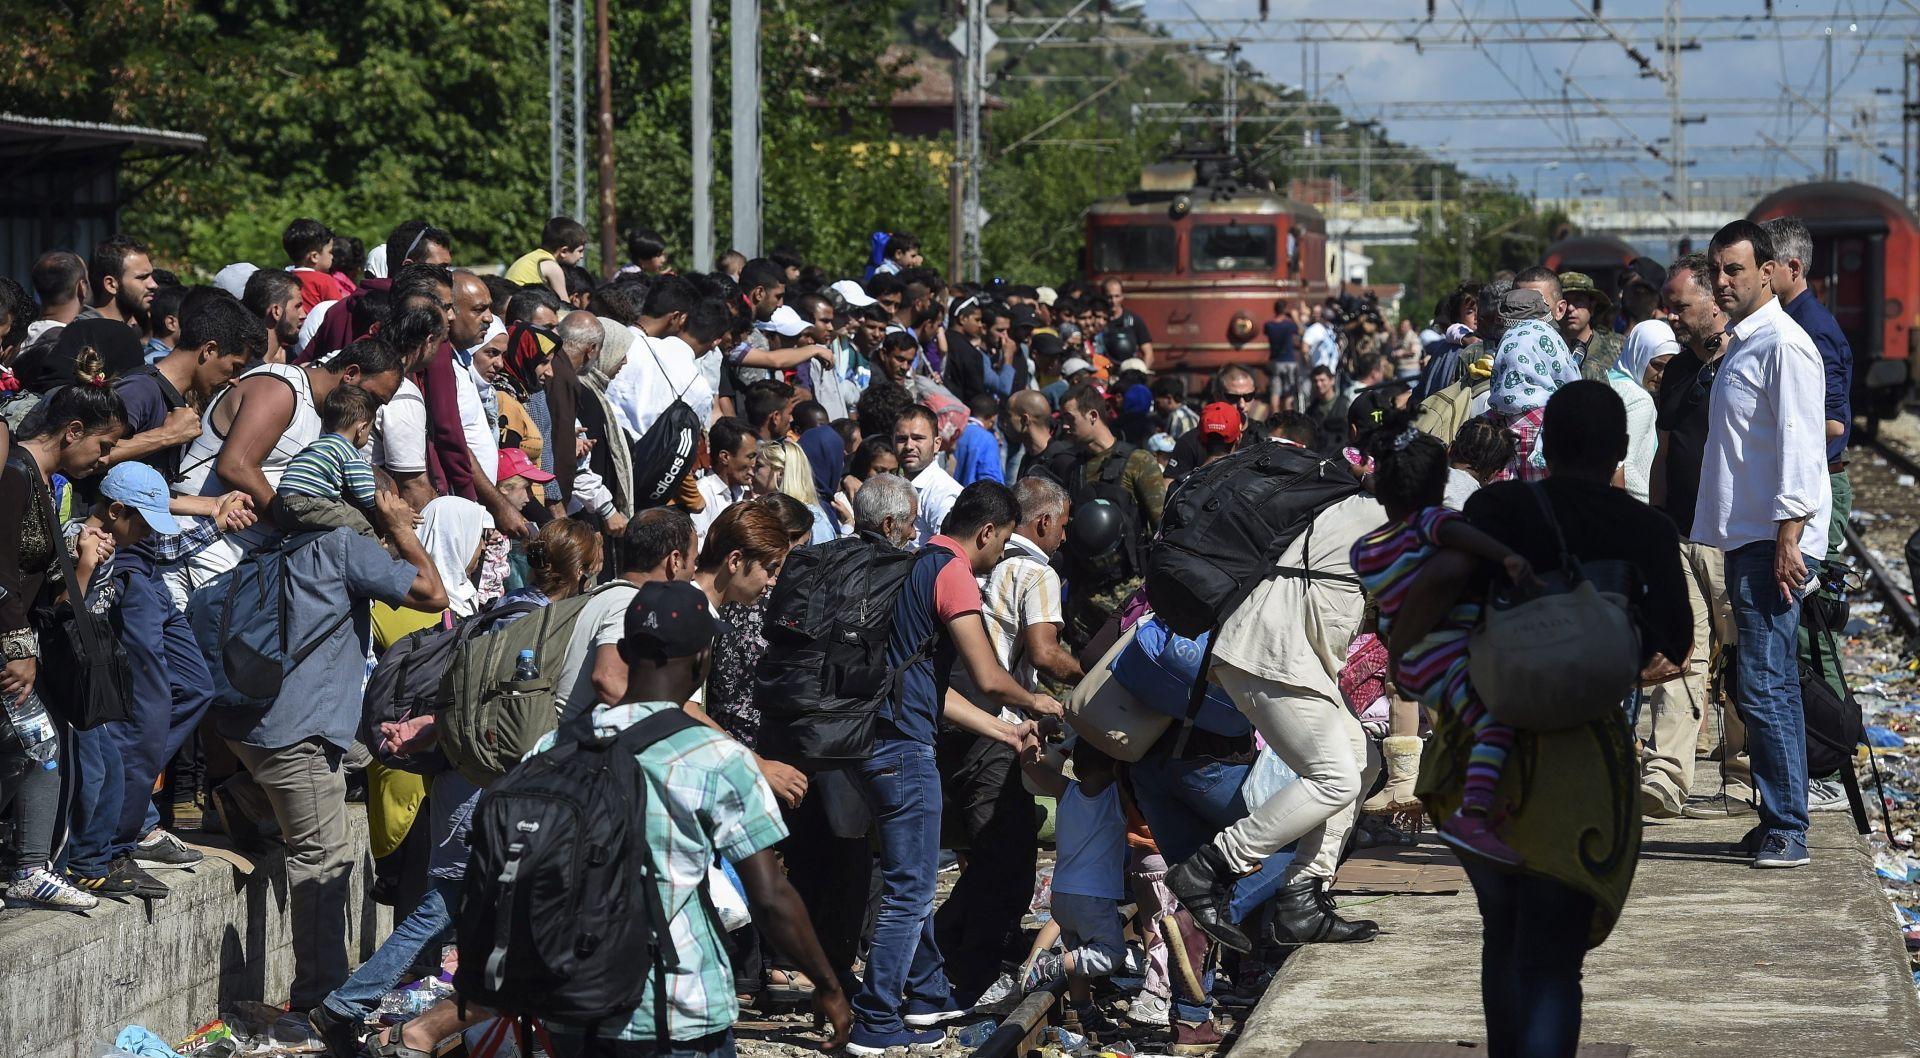 Grčka kaže da ima infrastrukturu nedovoljnu za izbjeglice